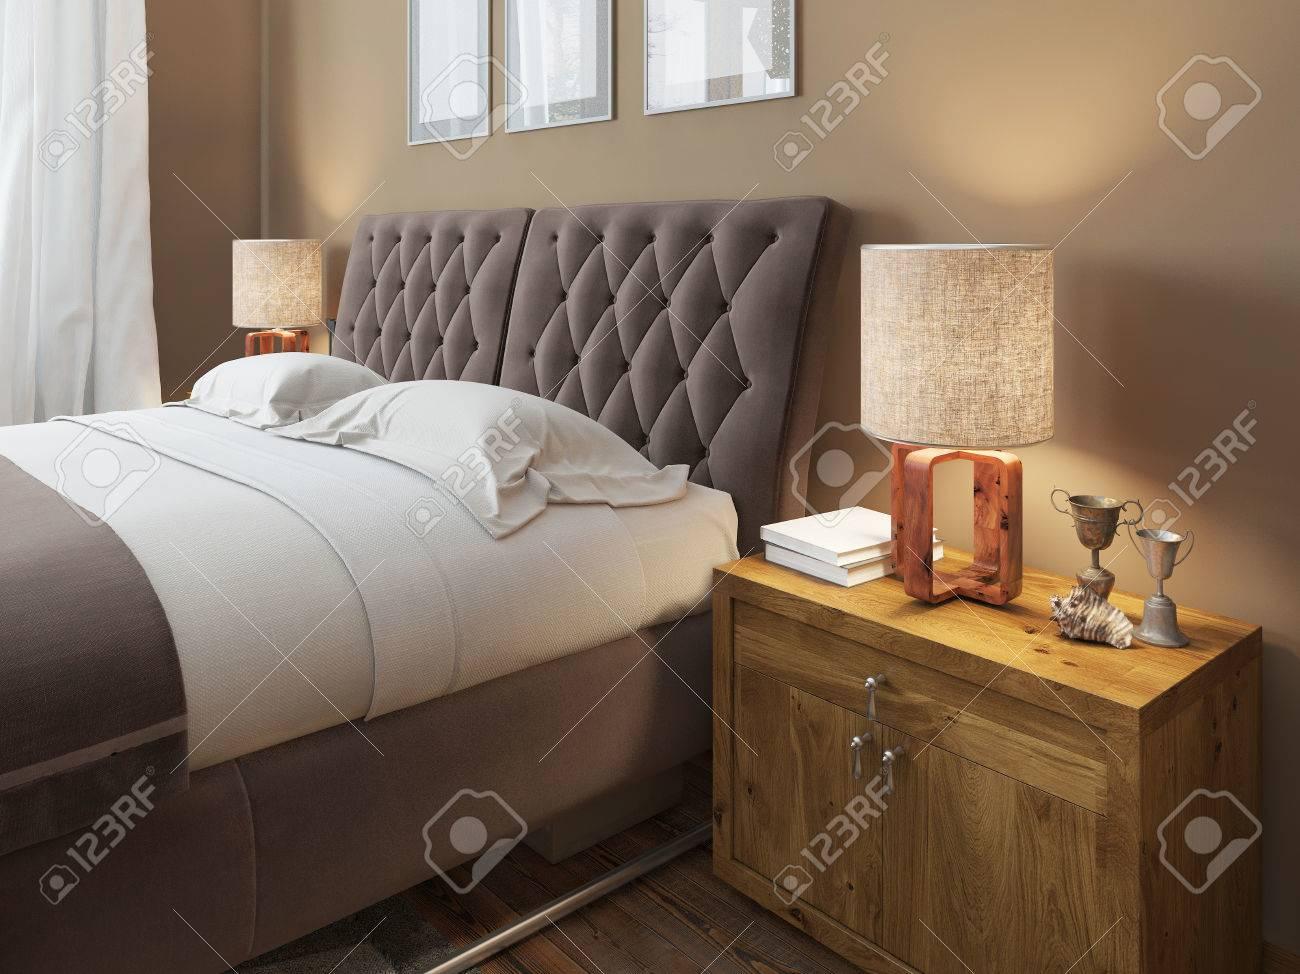 Mesitas De Noche De Madera Con Texturas Expresivas En Un Dormitorio ...